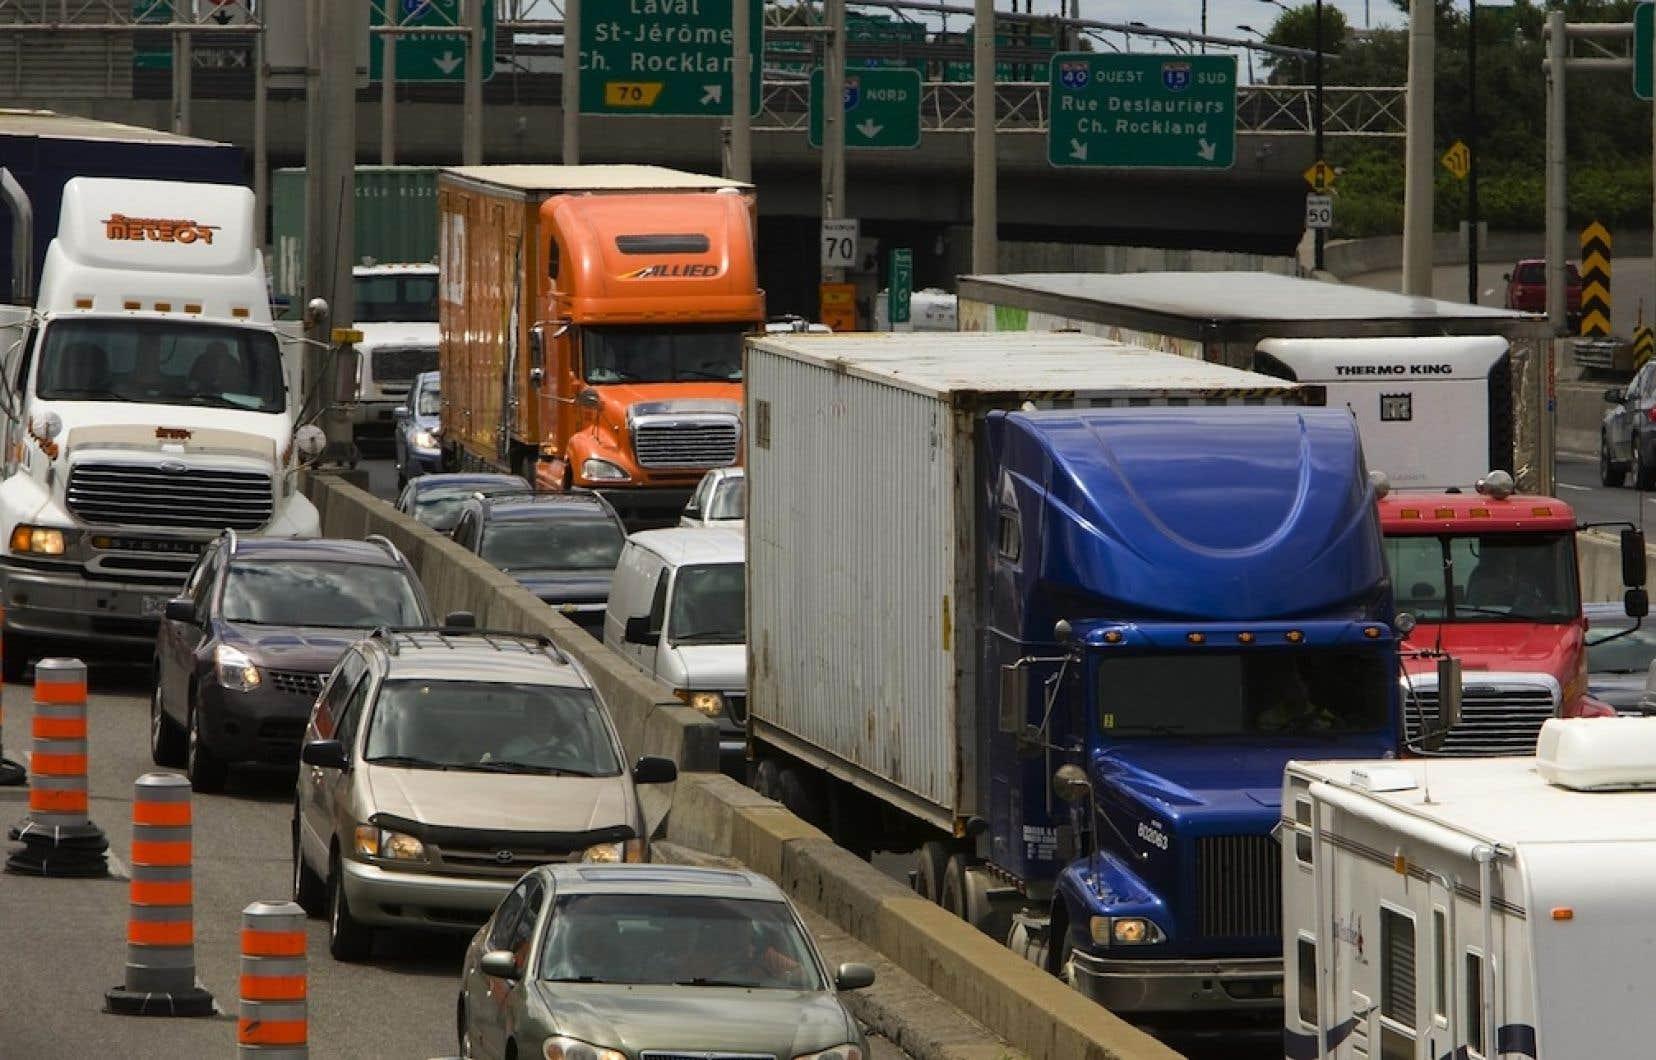 Transports Québec espère améliorer la circulation sur nos routes en utilisant la technologie de communication sans fil Bluetooth.